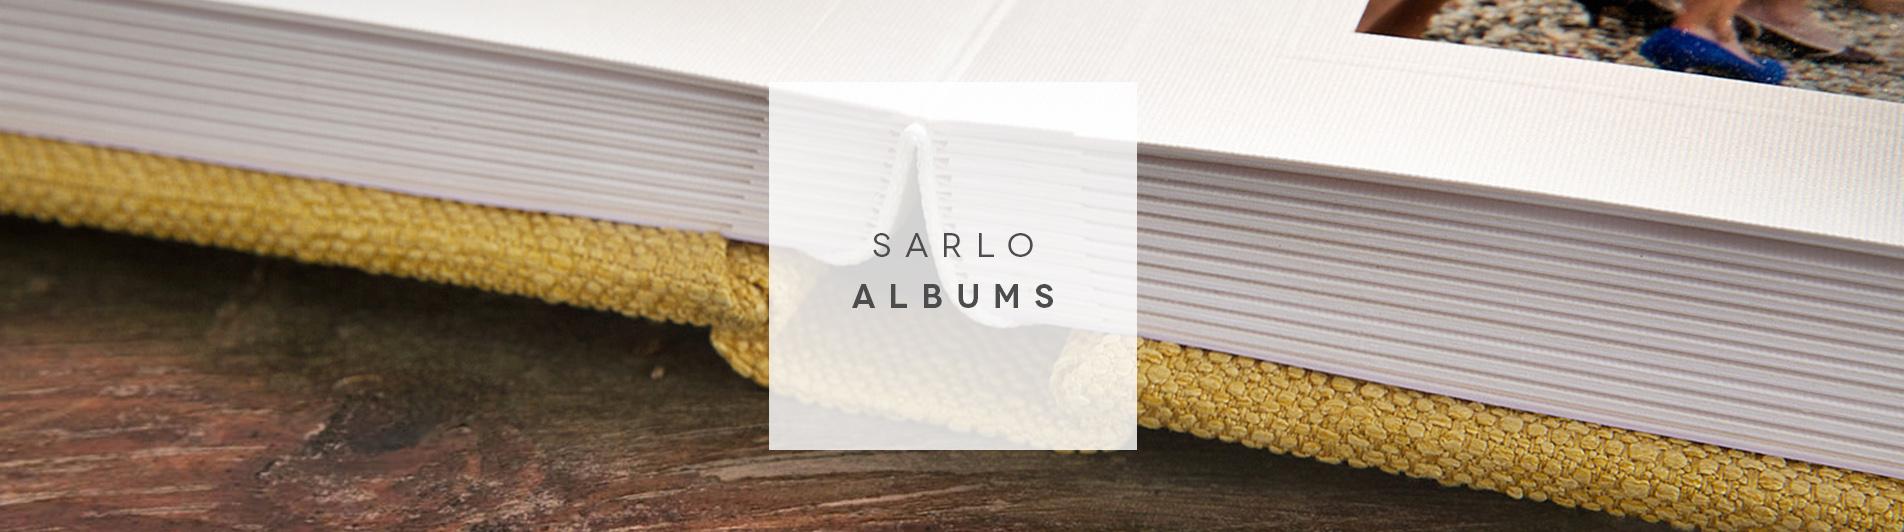 Tony sarlo albums